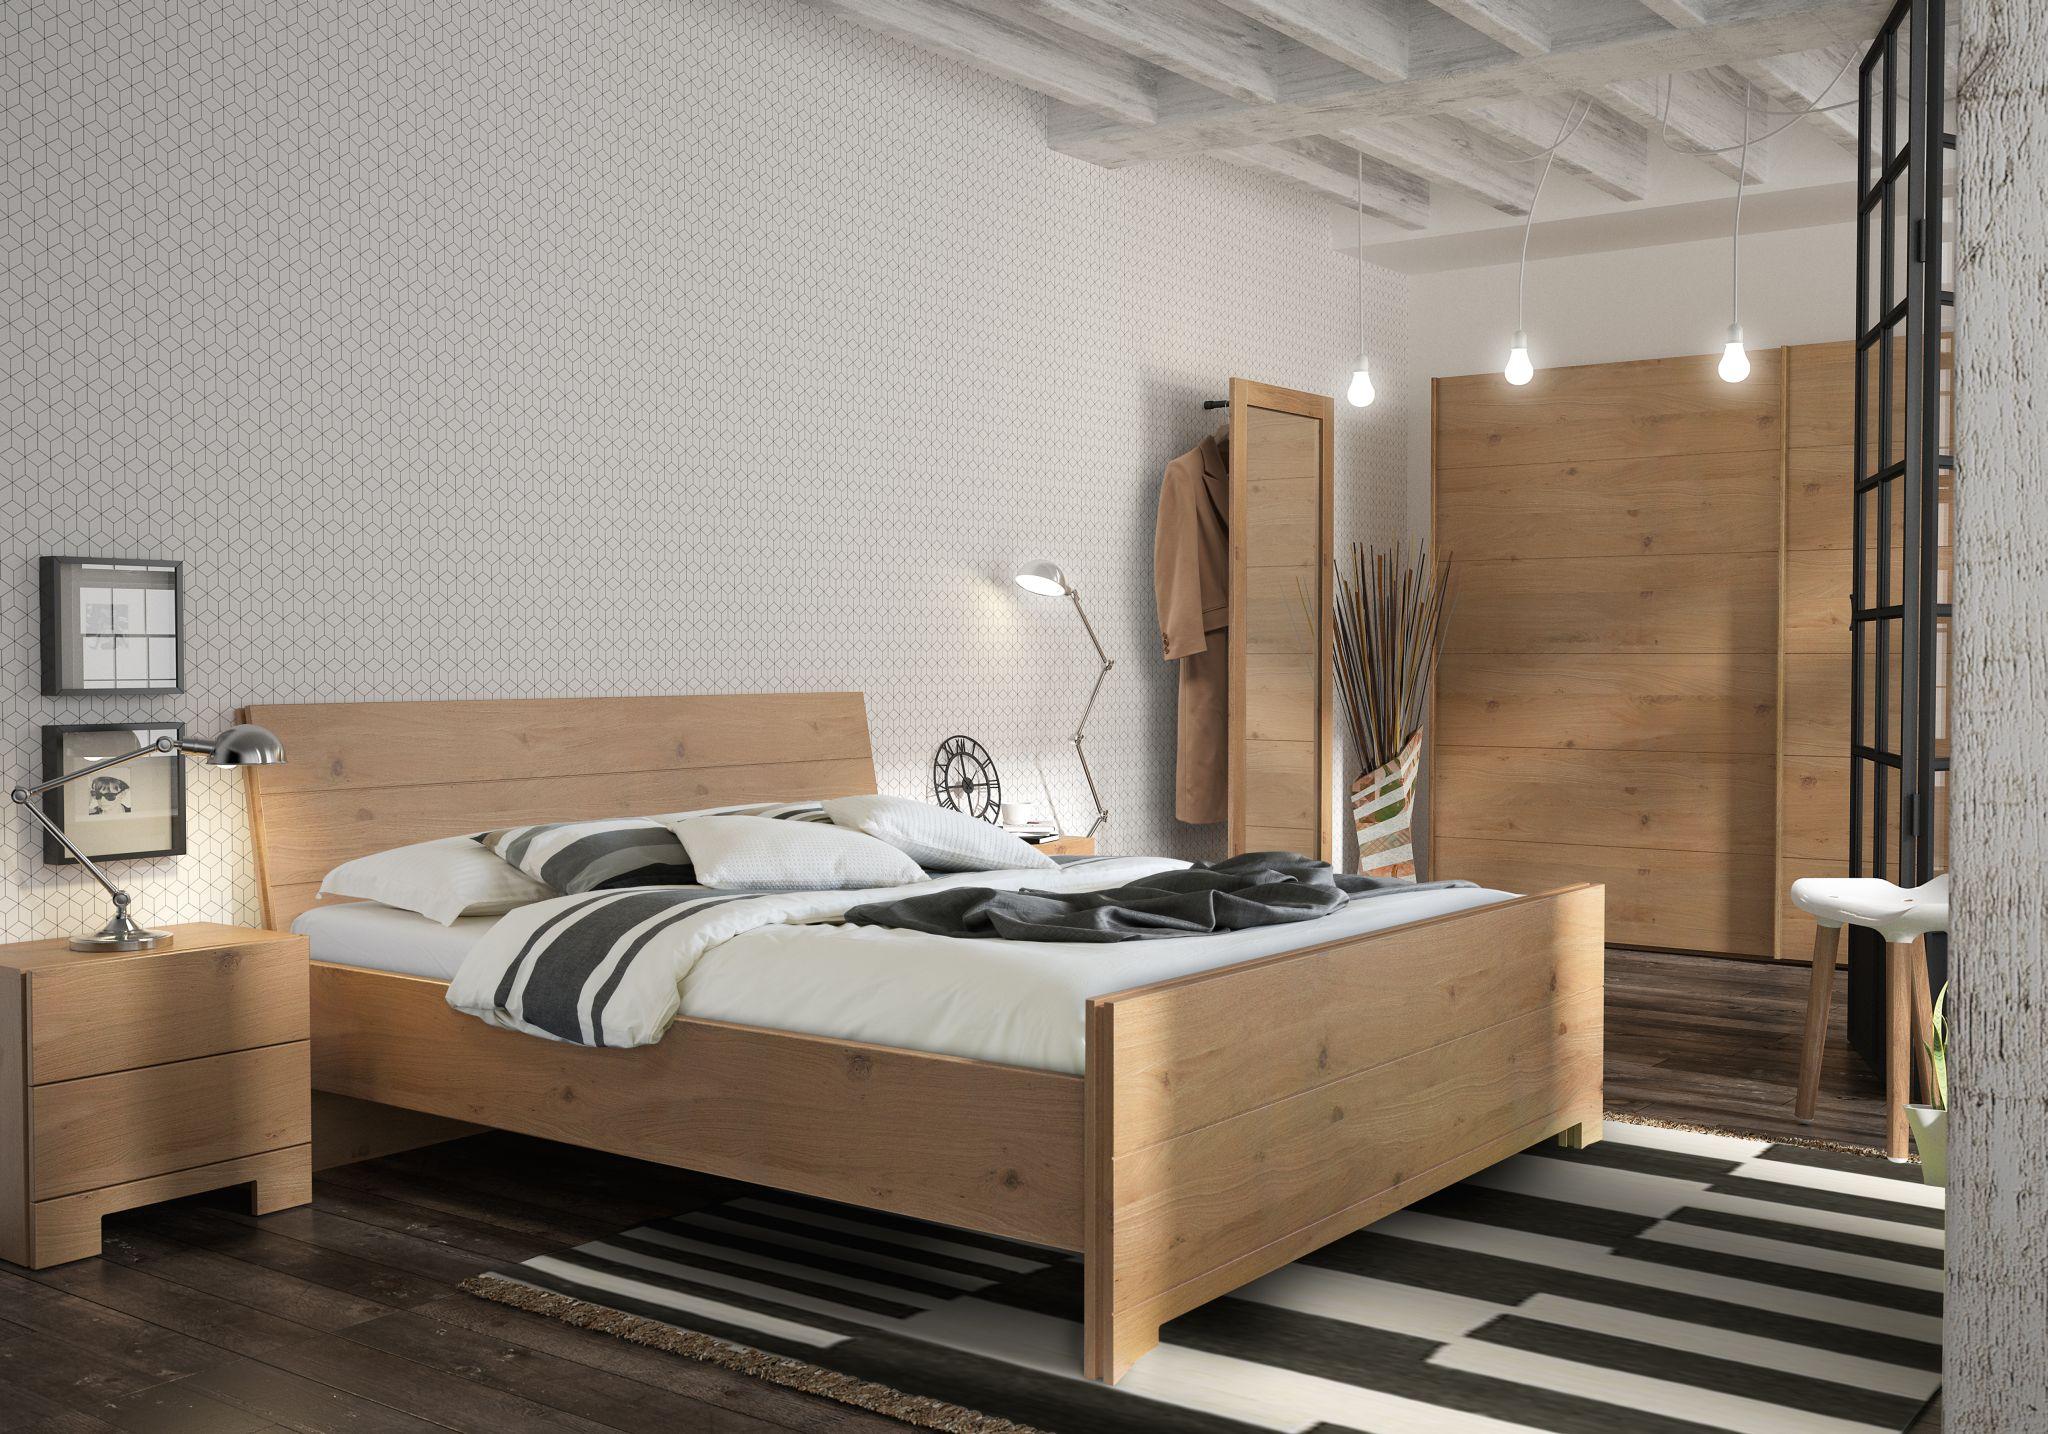 Chambre coucher rustique m17ed meubelen joremeubelen jore for Chambre a coucher rustique